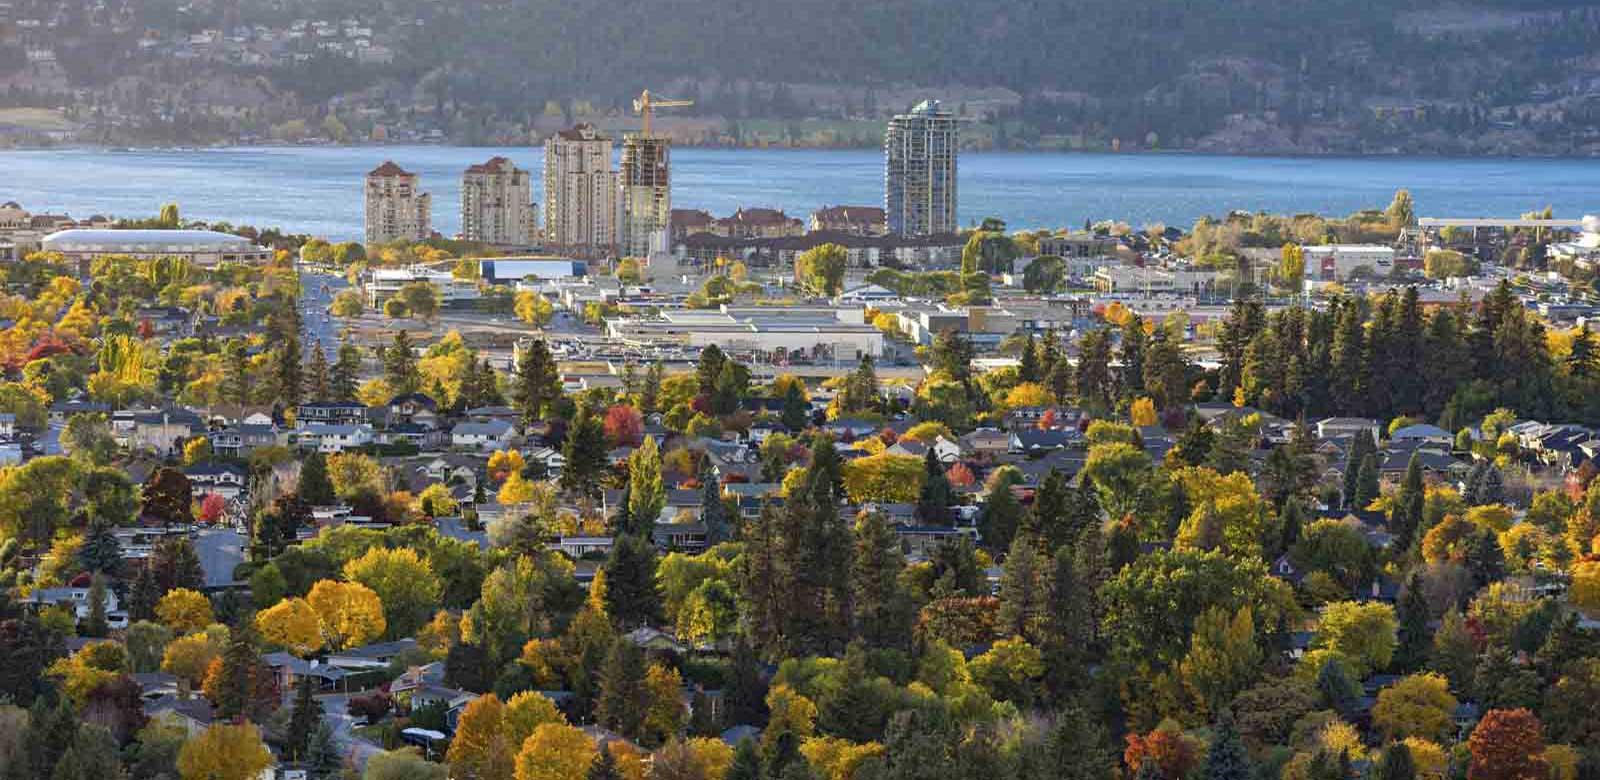 aerial view of Kelowna BC